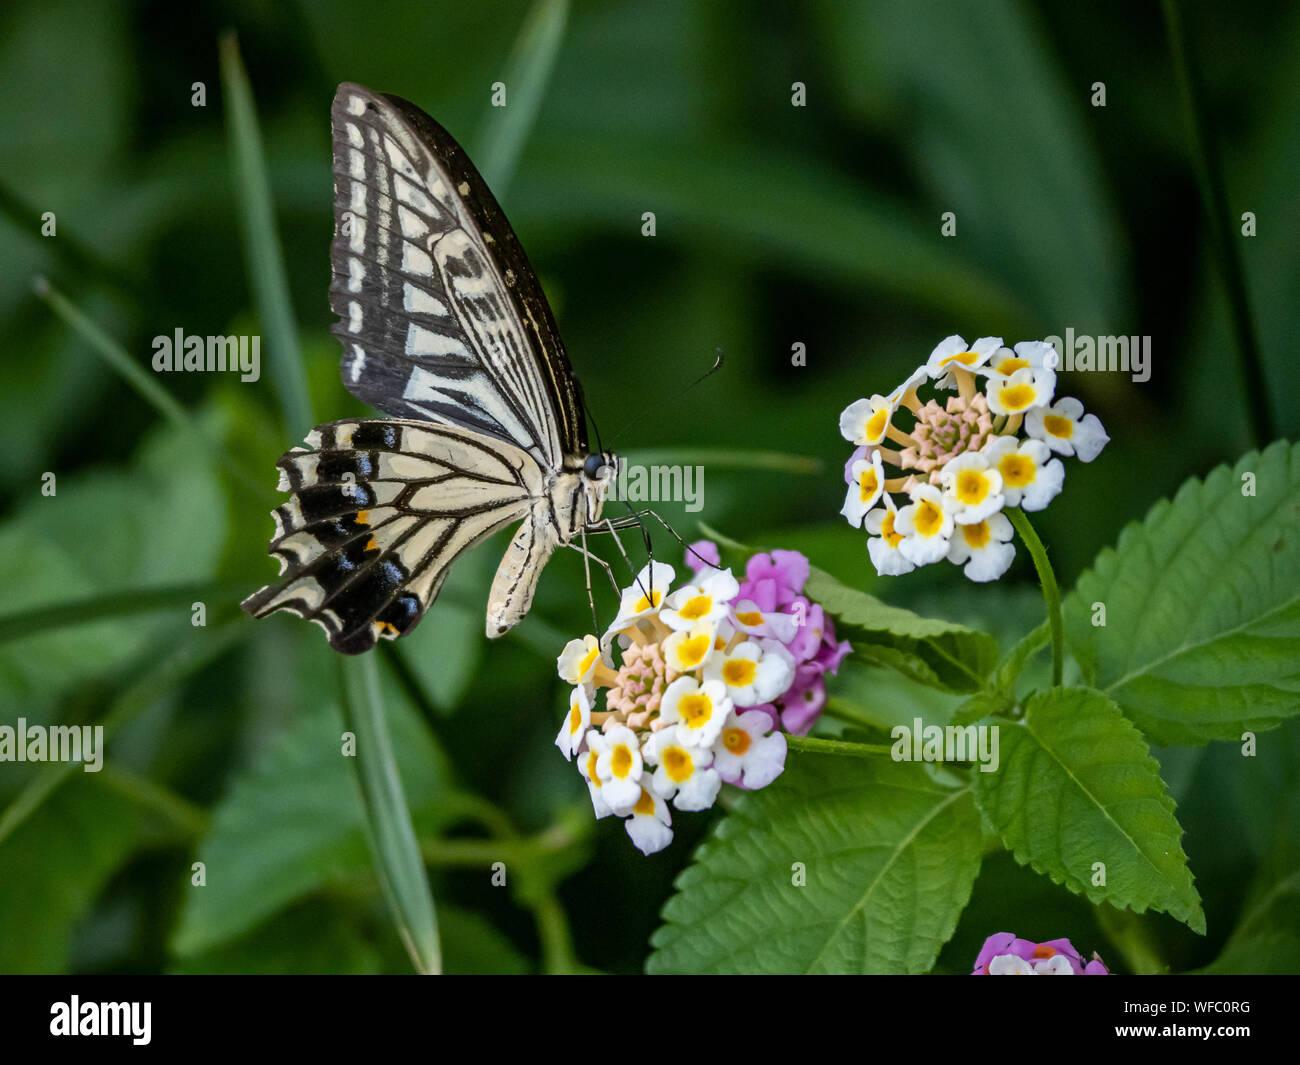 Una papilio xuthus butterfly, también llamado comúnmente una especie asiática, China, o Xuthus amarillo ESPECIE especie se alimenta de pequeños lantana flo Foto de stock